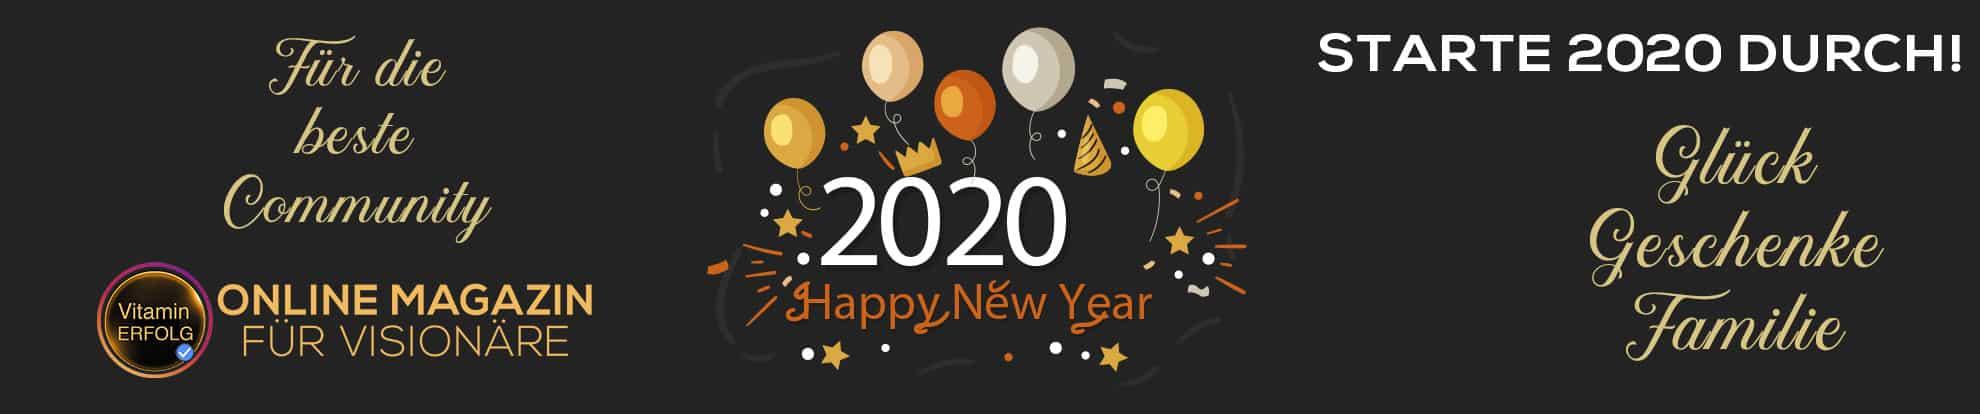 Ziele erreichen 2020